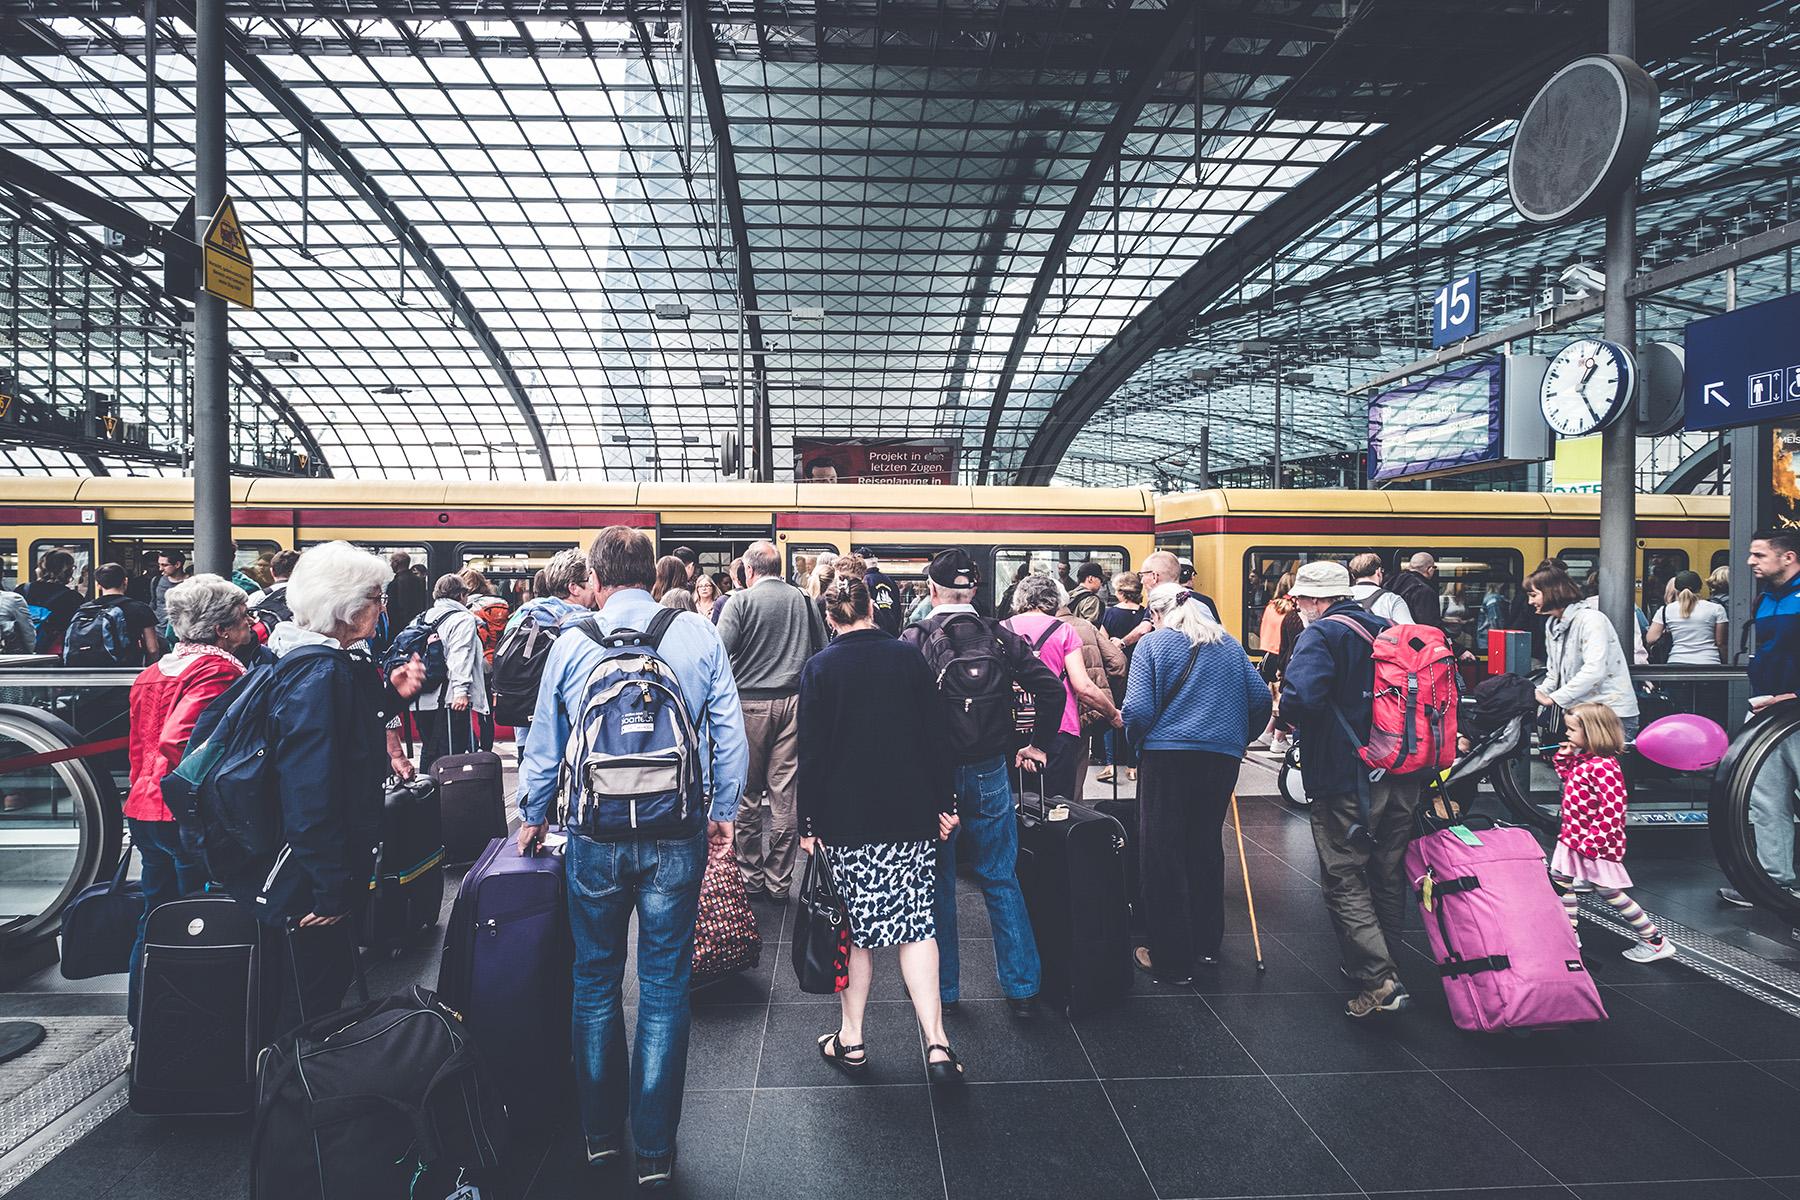 Elderly tourists in a train station in Berlin